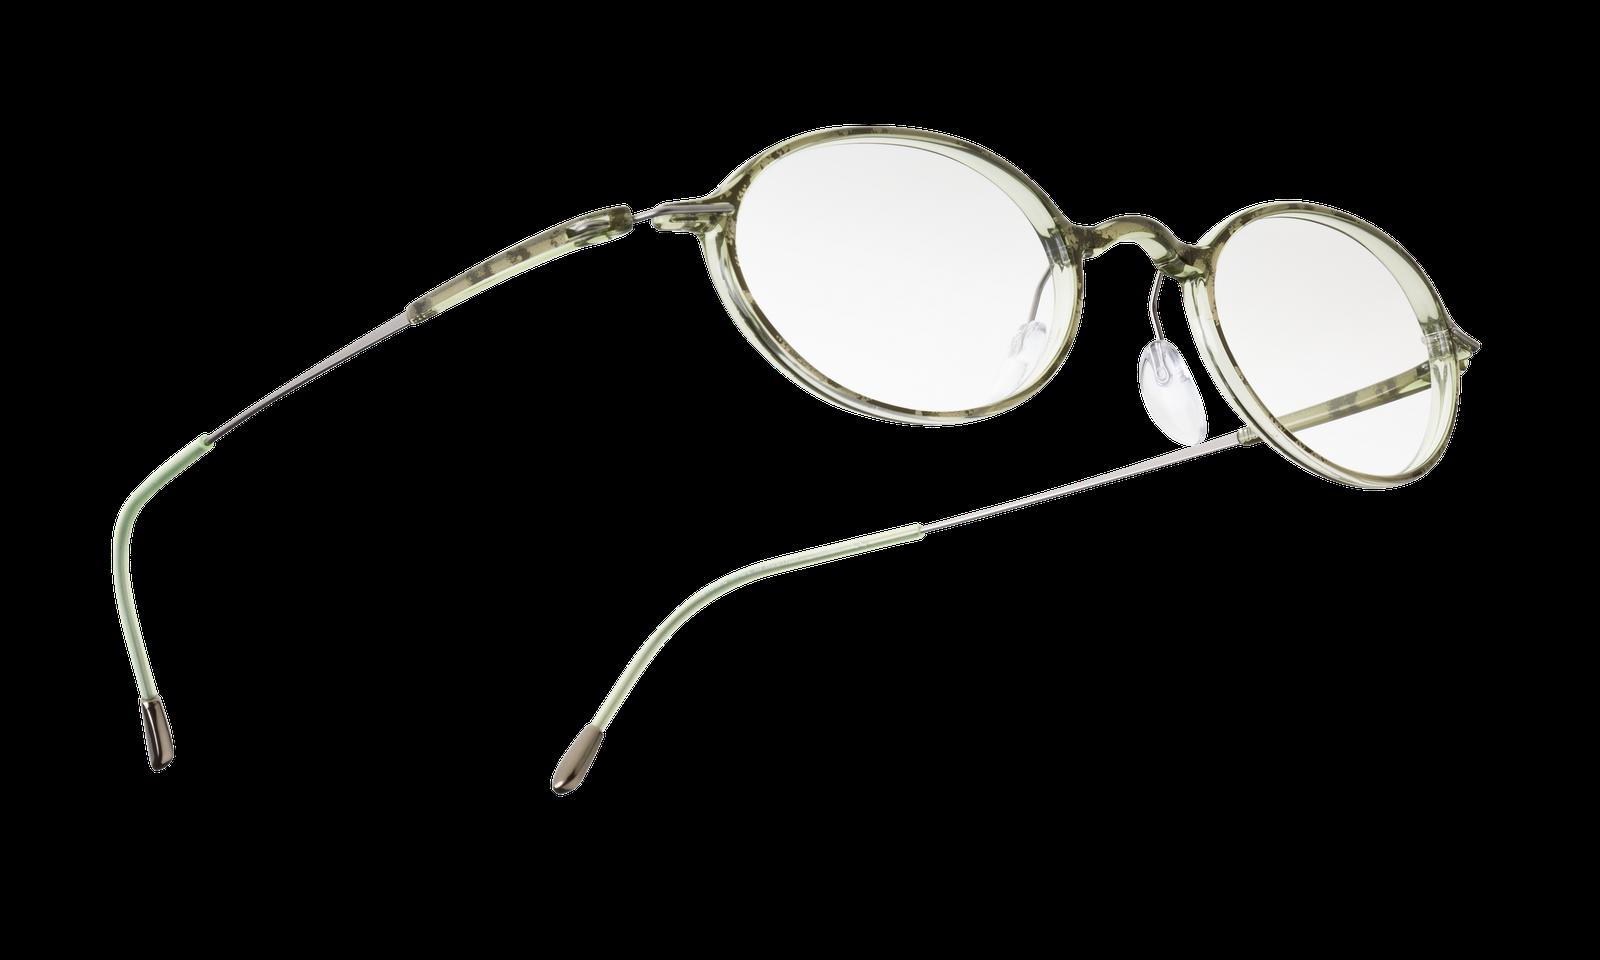 MDbellezaymas: Silhouette, tus gafas ligeras y con estilo